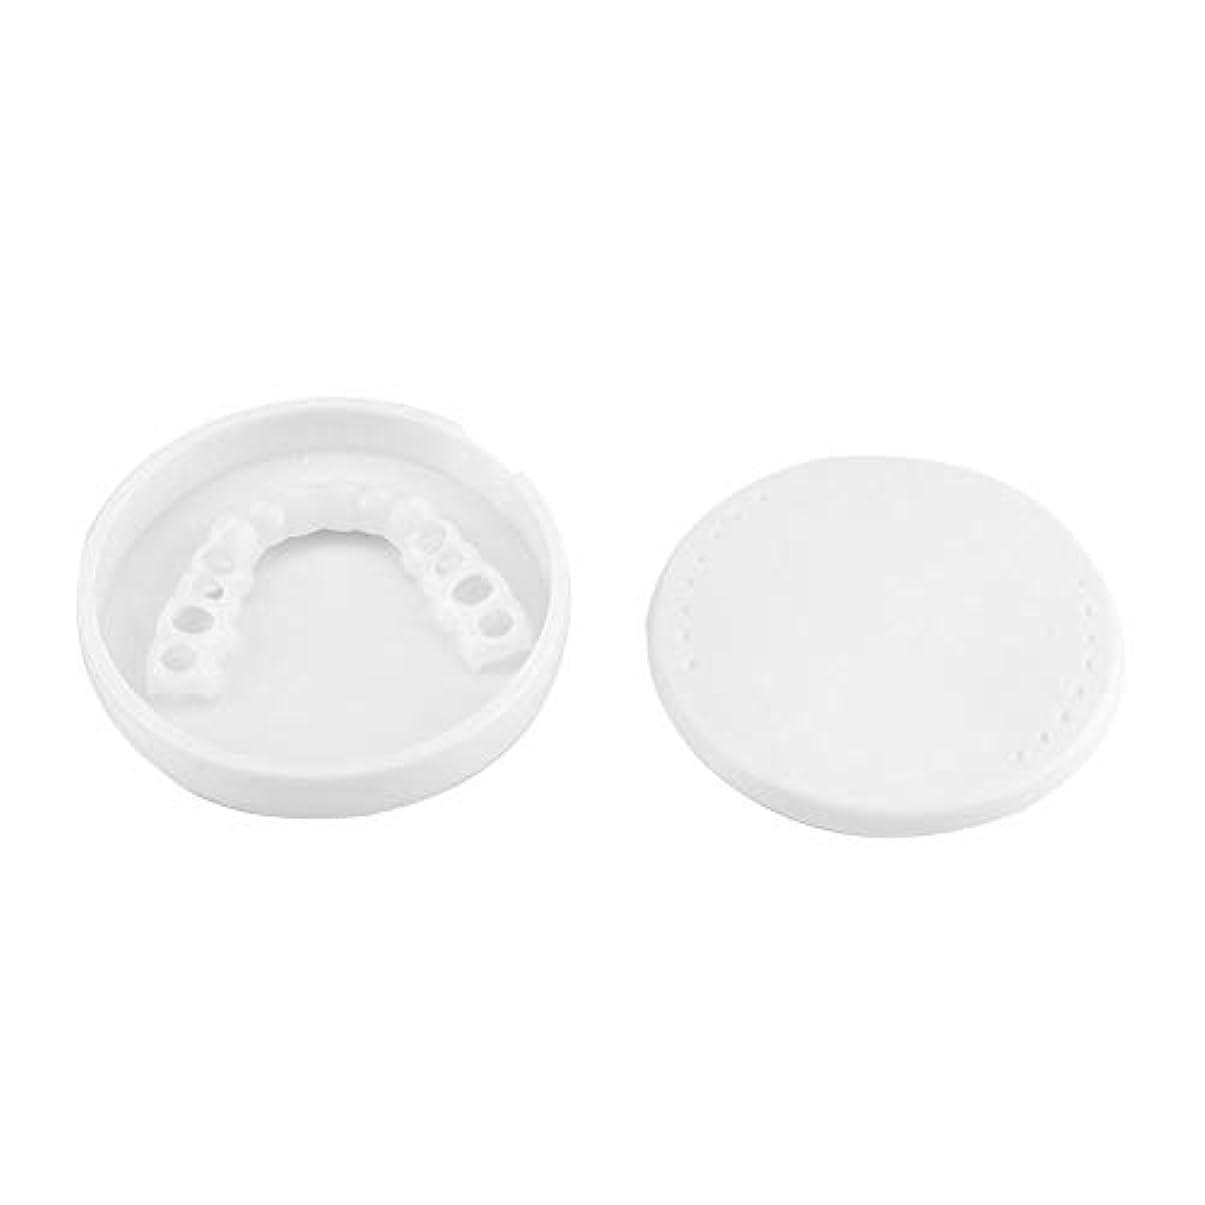 貫通スチュアート島繁栄Salinr インスタント 完璧なベニヤの歯スナップキャップを白く 一時的な化粧品歯義 歯化粧品シミュレーション 白くする歯カバー フィットフレックス歯ベニア上の歯+下歯のセット